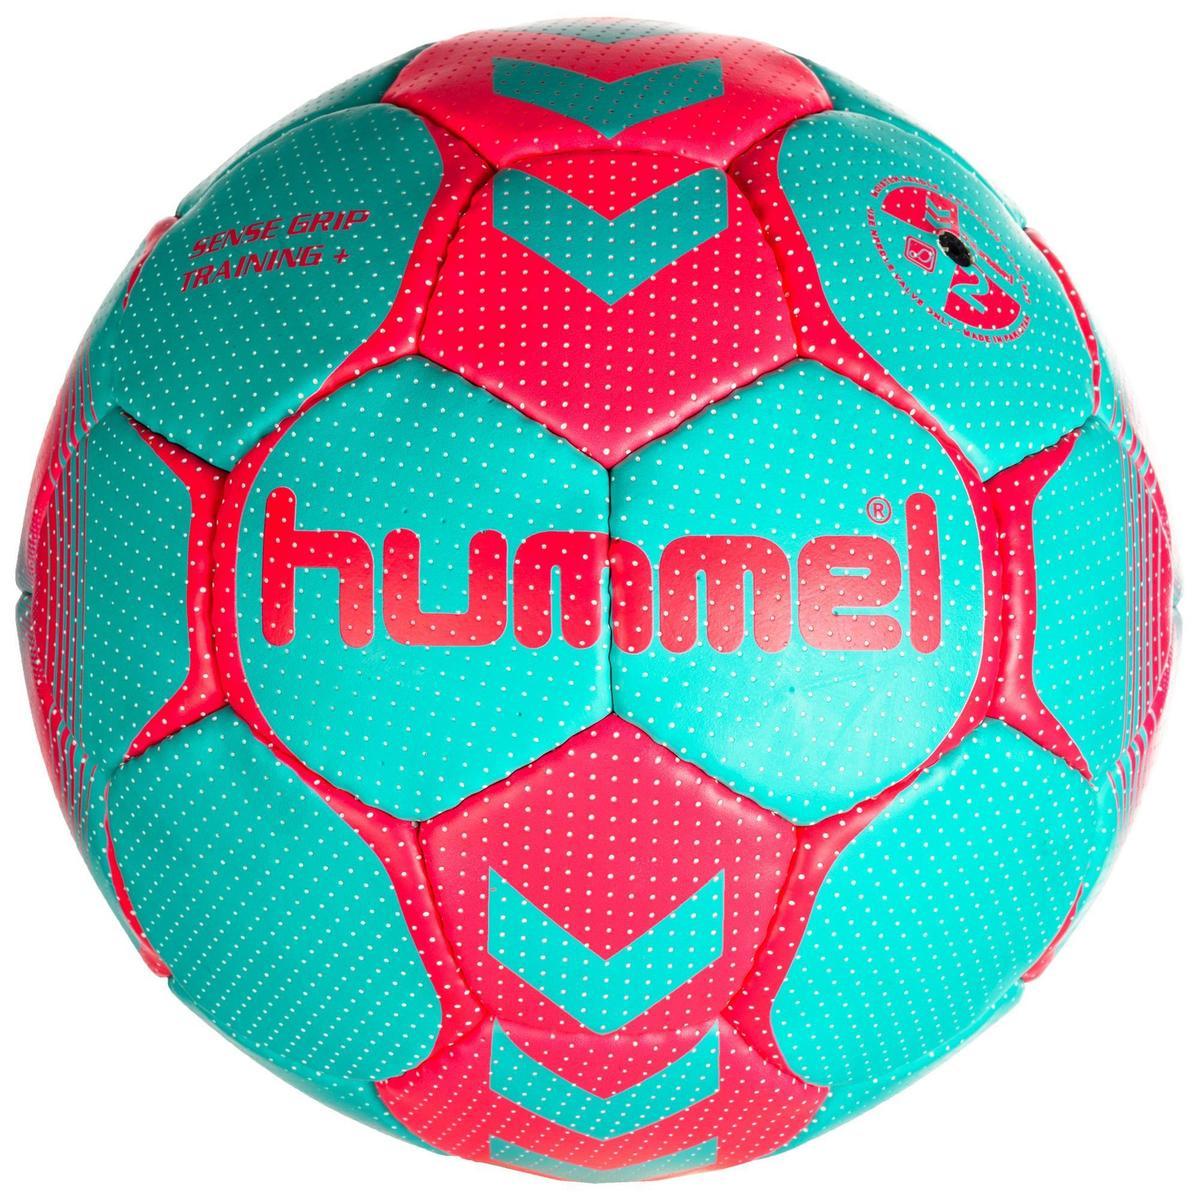 Bild 4 von Handball Damen Größe 2 blau/türkis/pink